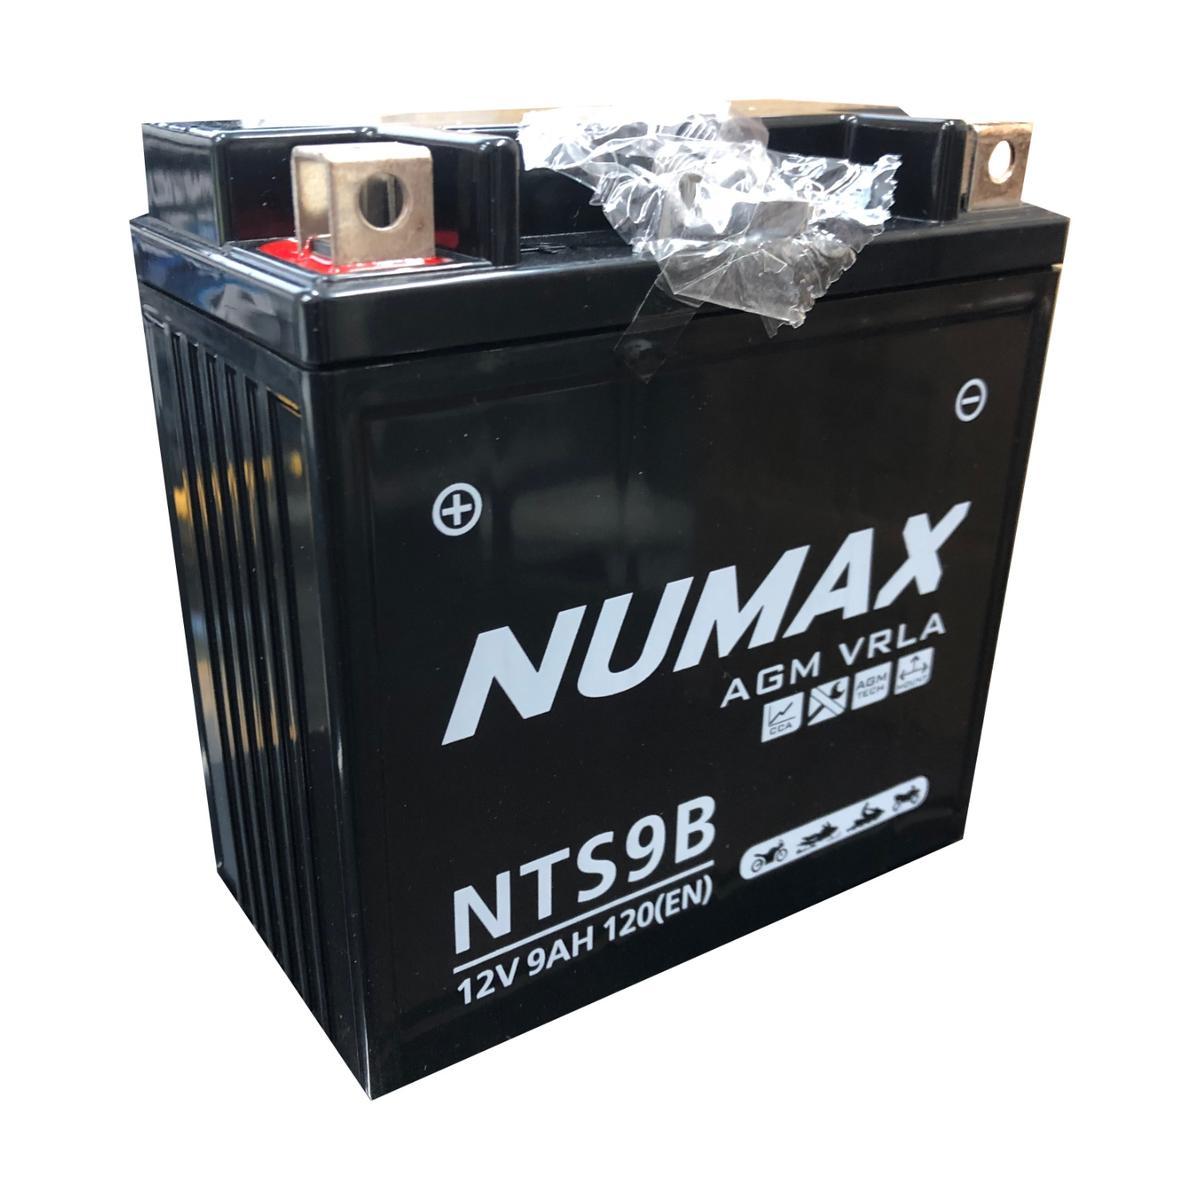 Numax NTS9B 12v Bike Motorbike Motorcycle Battery VESPA 150cc EX150 YB9L-B